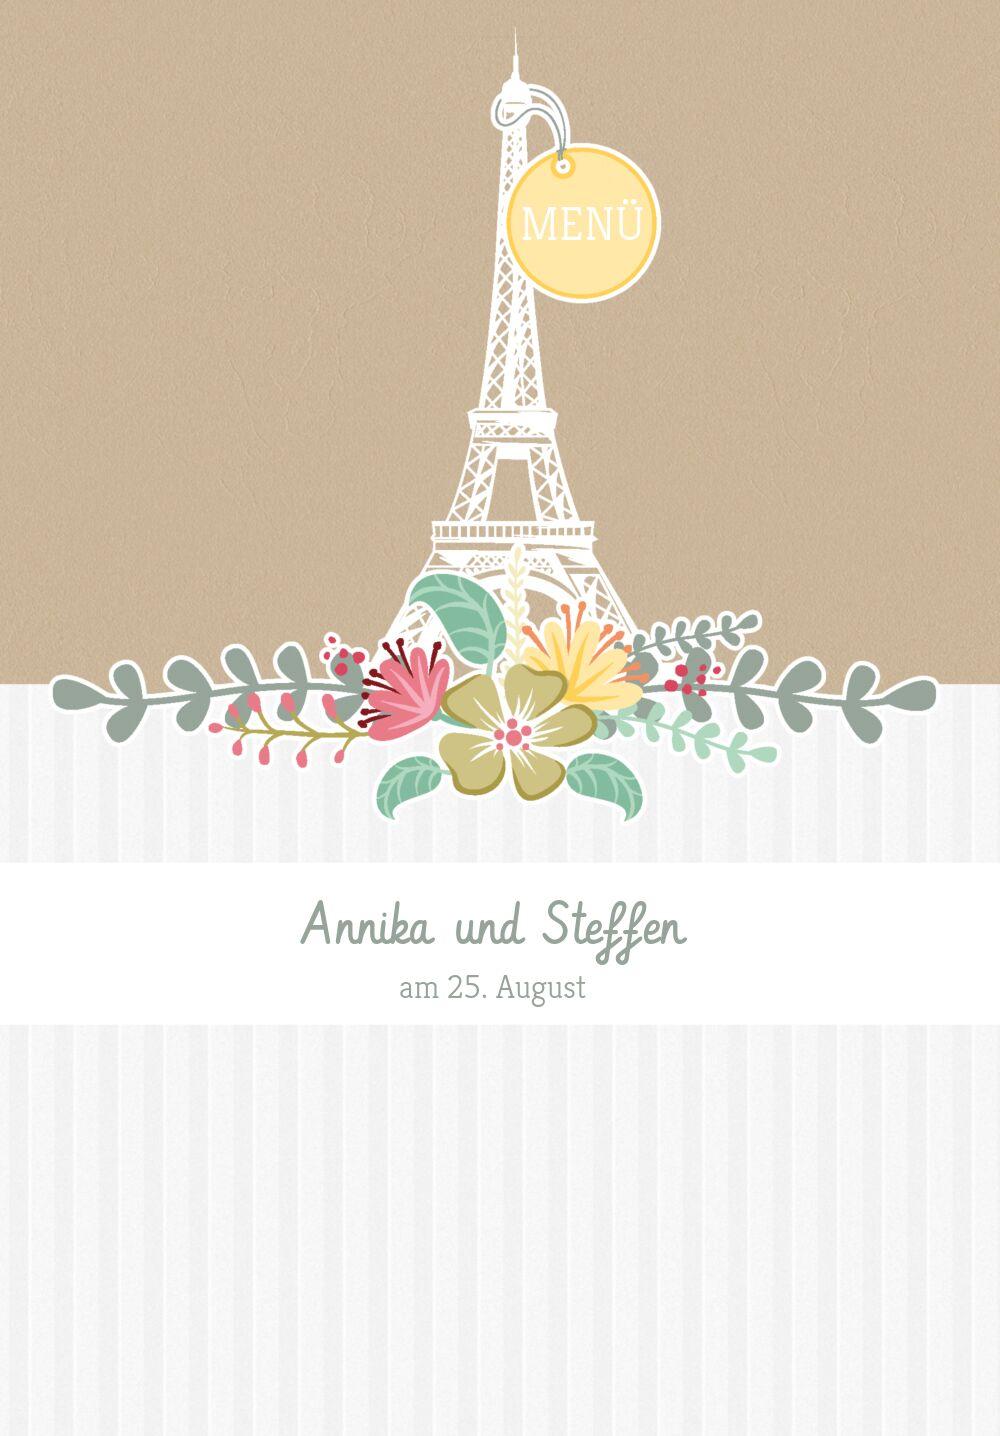 Ansicht 3 - Hochzeit Menükarte Paris